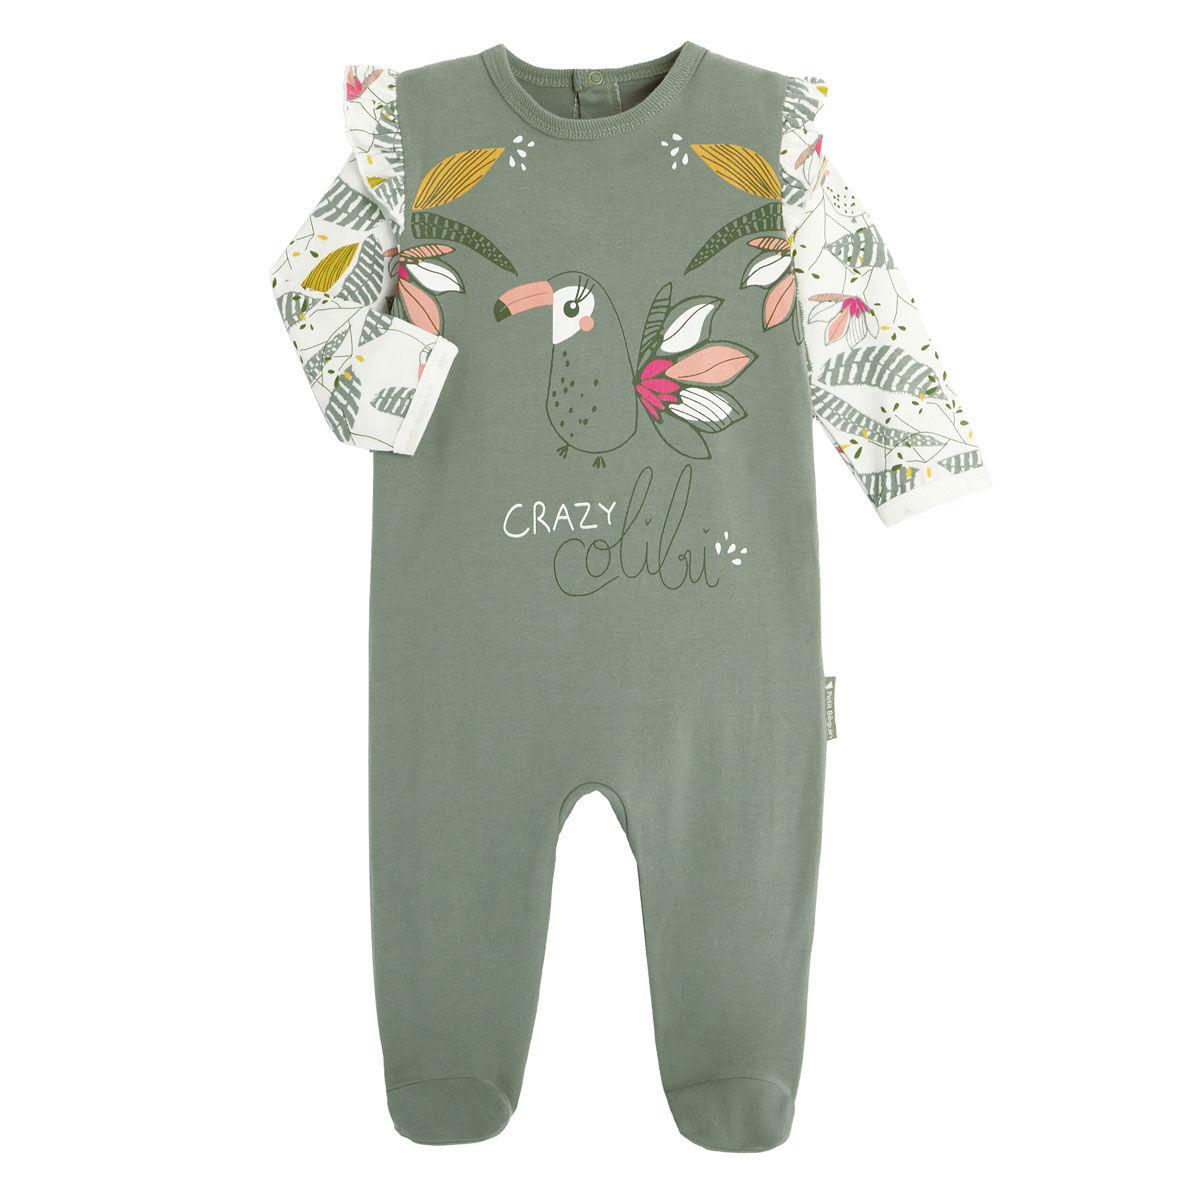 Petit Béguin Pyjama bébé contenant du coton bio Crazy Colibri - Taille - 9 mois